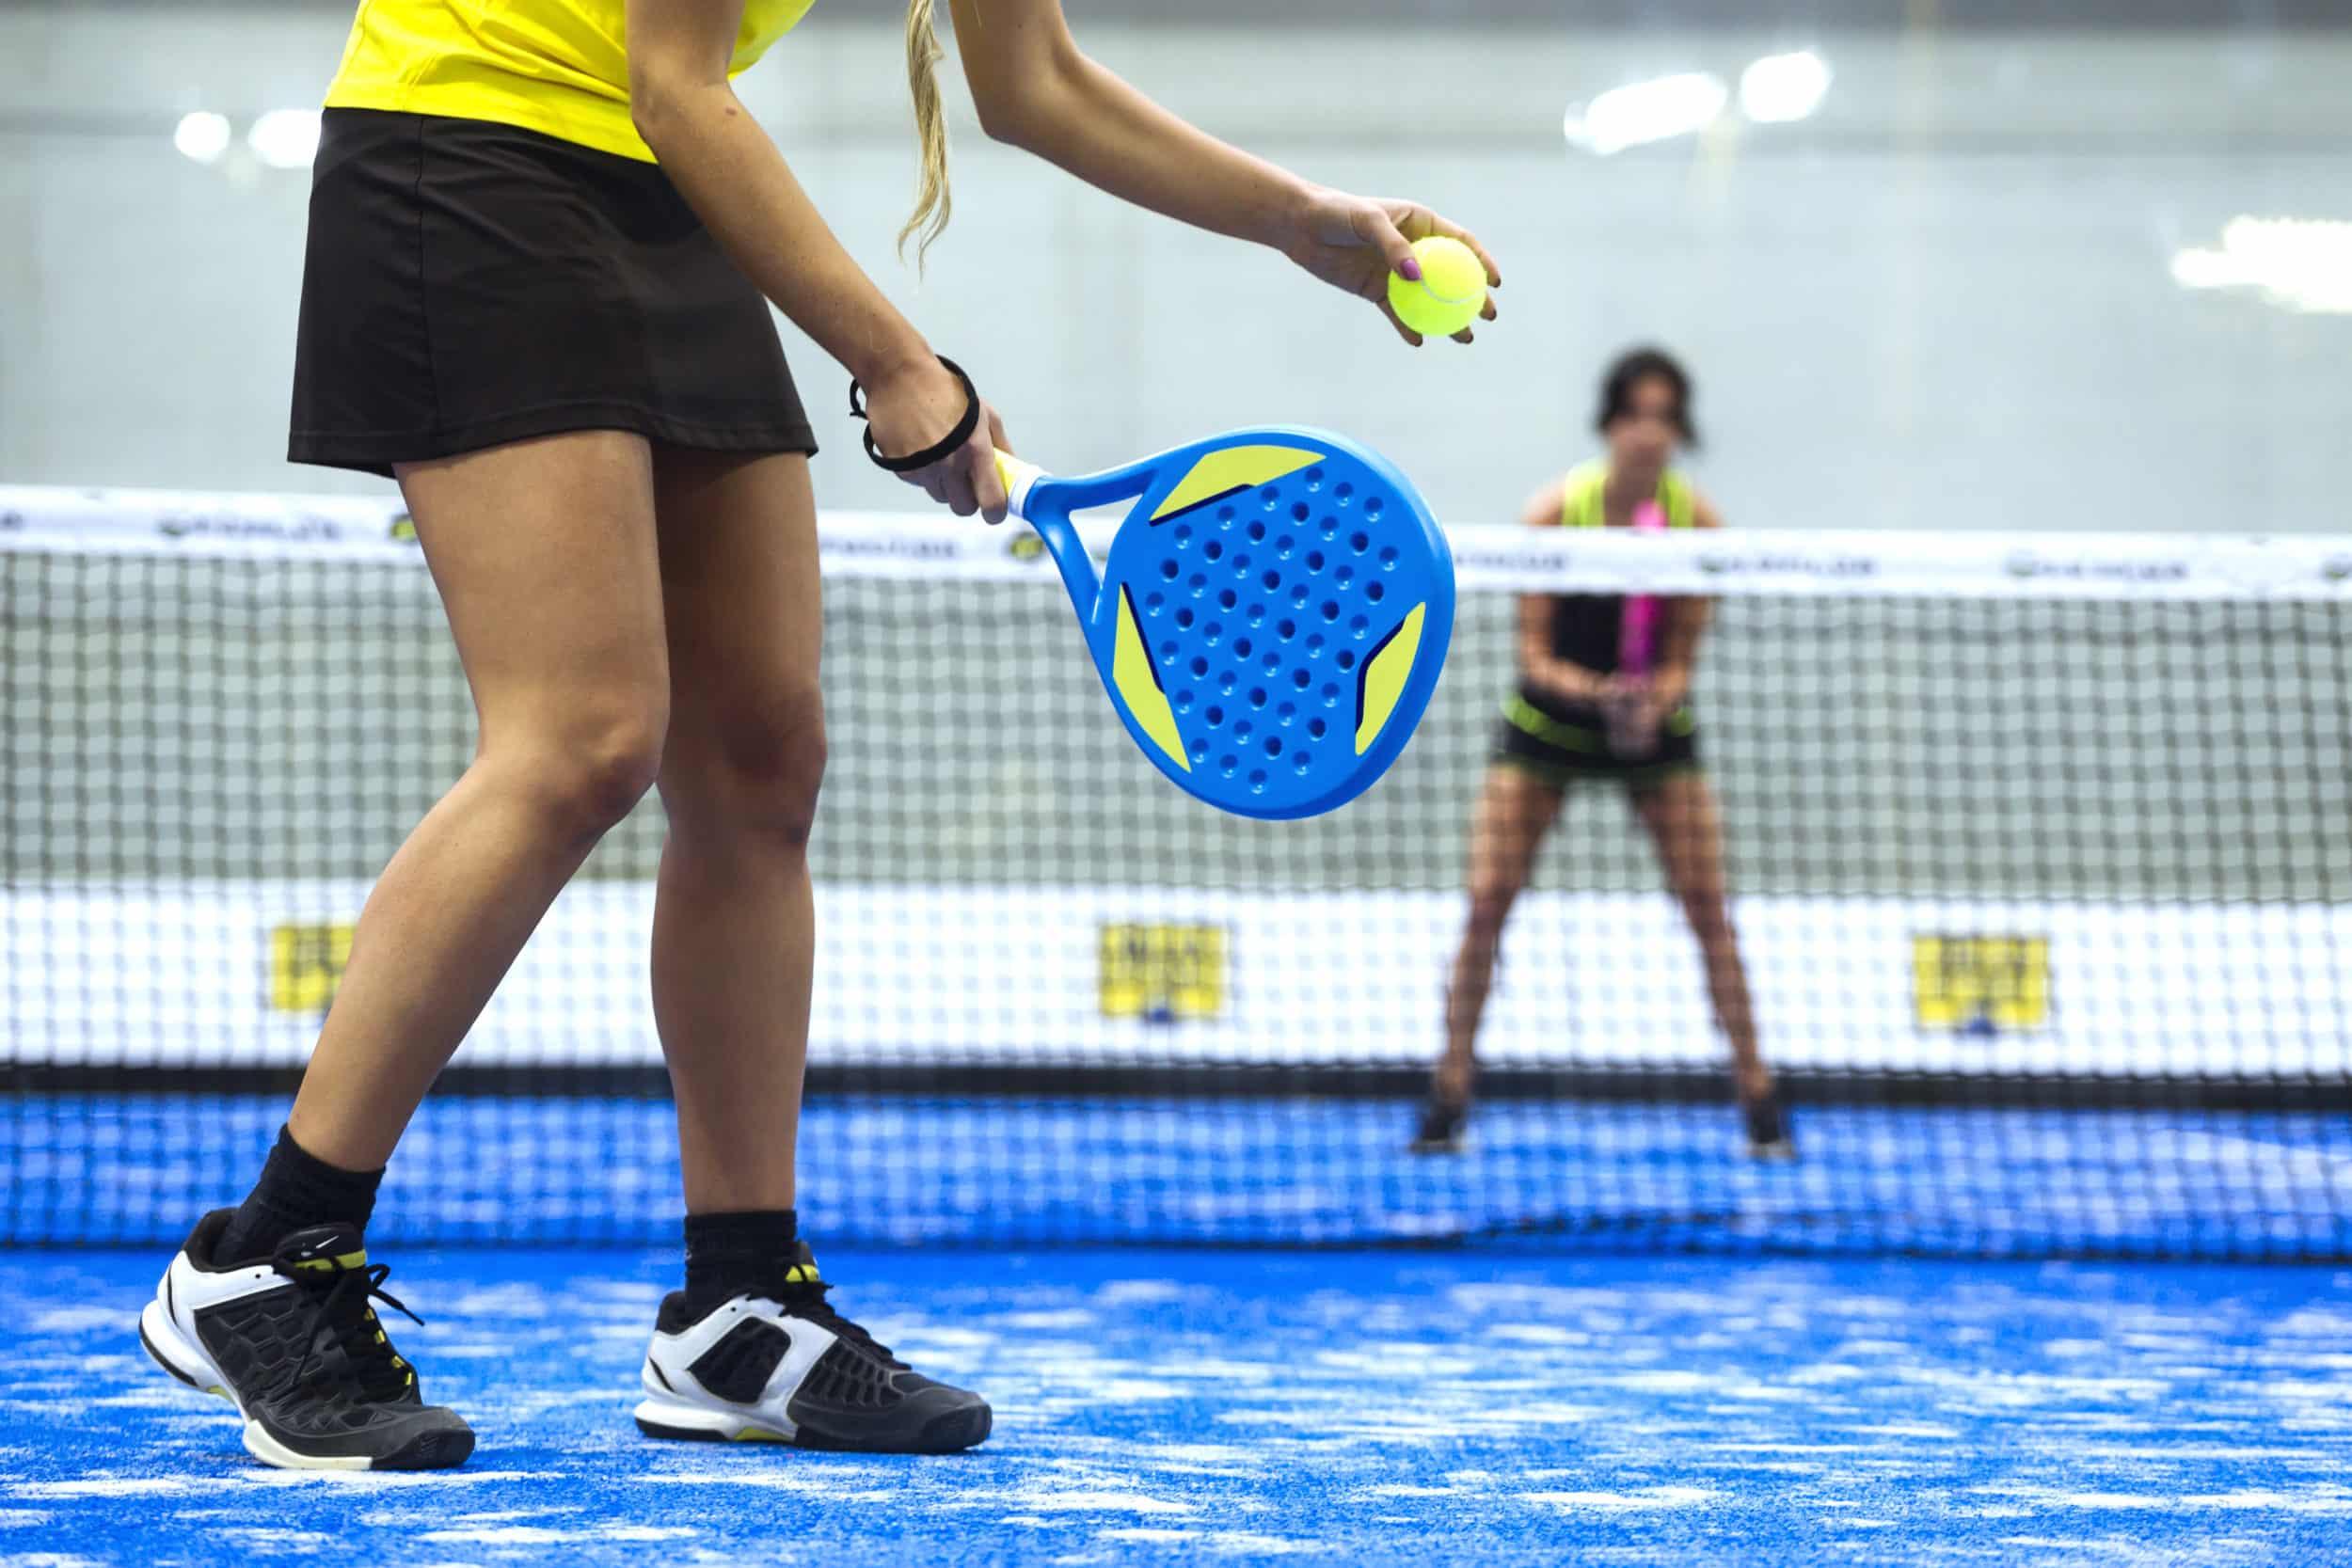 Une nouvelle activité sportive arrive à Baillargues : le padel